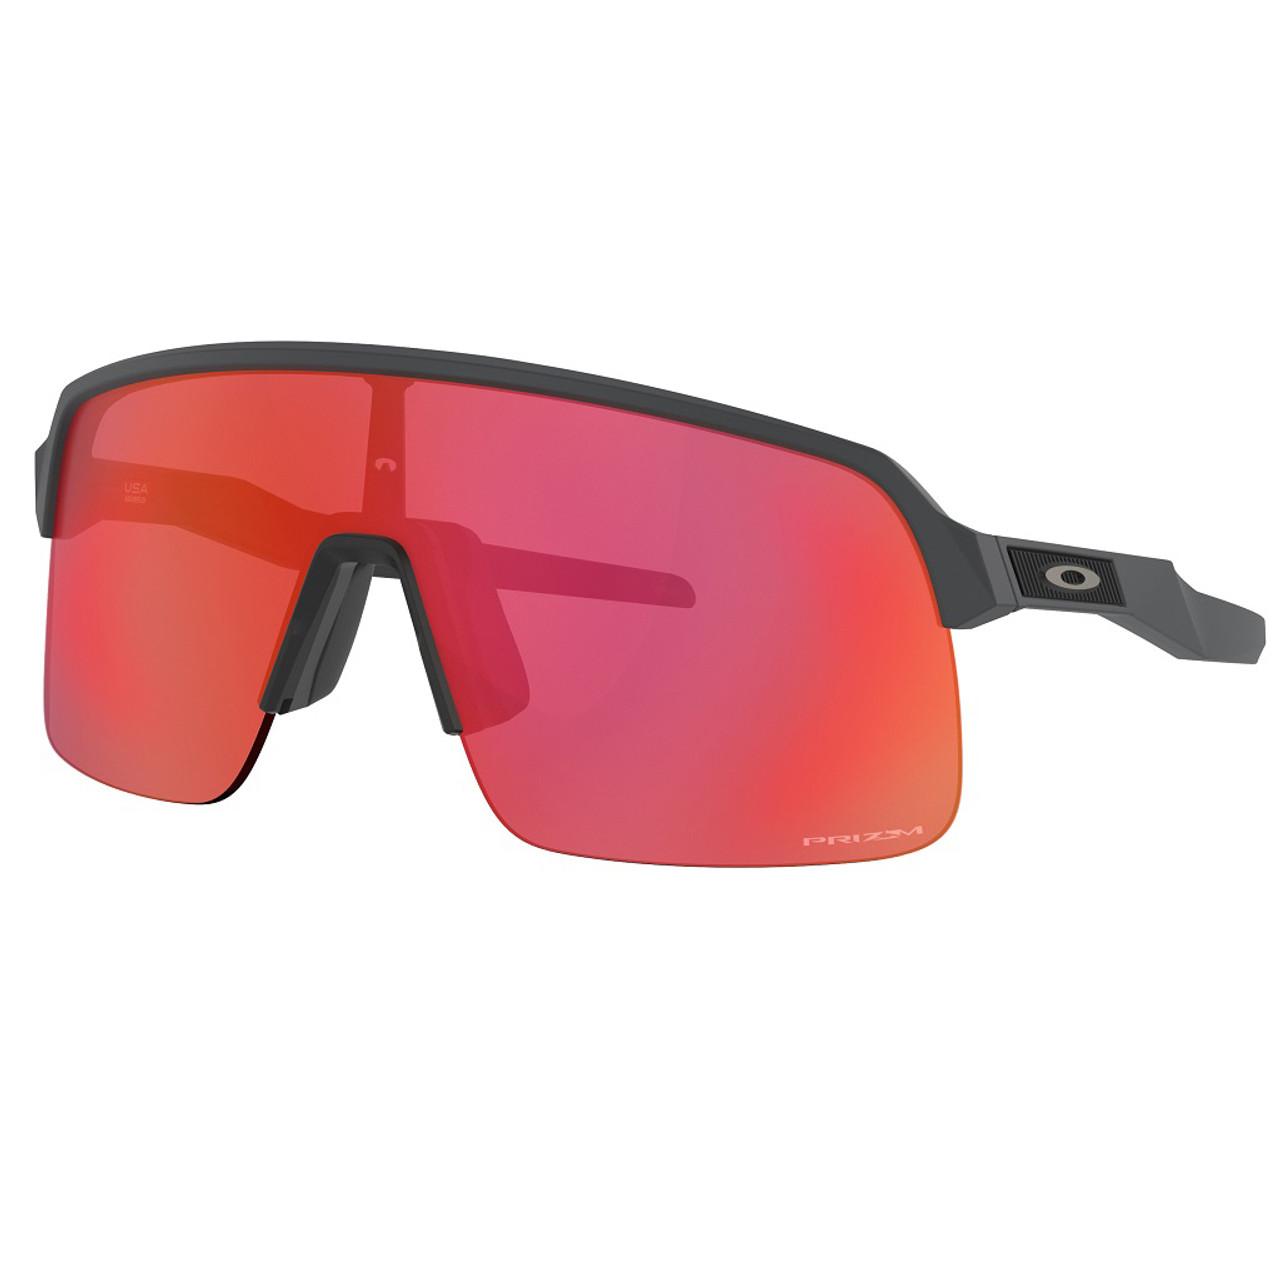 Matte Carbon w/ Prizm Trail Torch - Oakley Sutro Lite Sunglasses